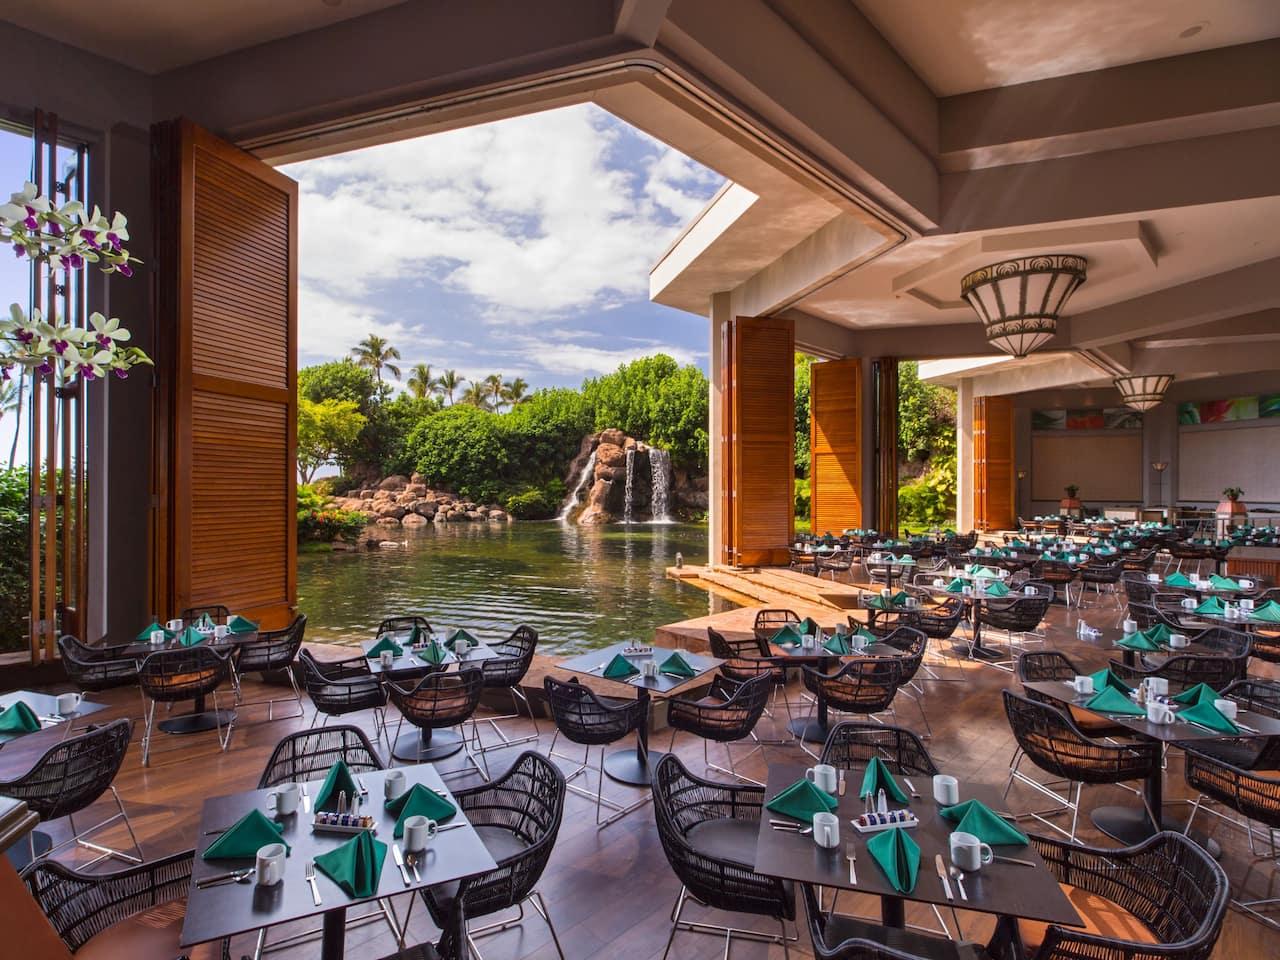 Outdoor breakfast area at Hyatt Regency Maui Resort and Spa